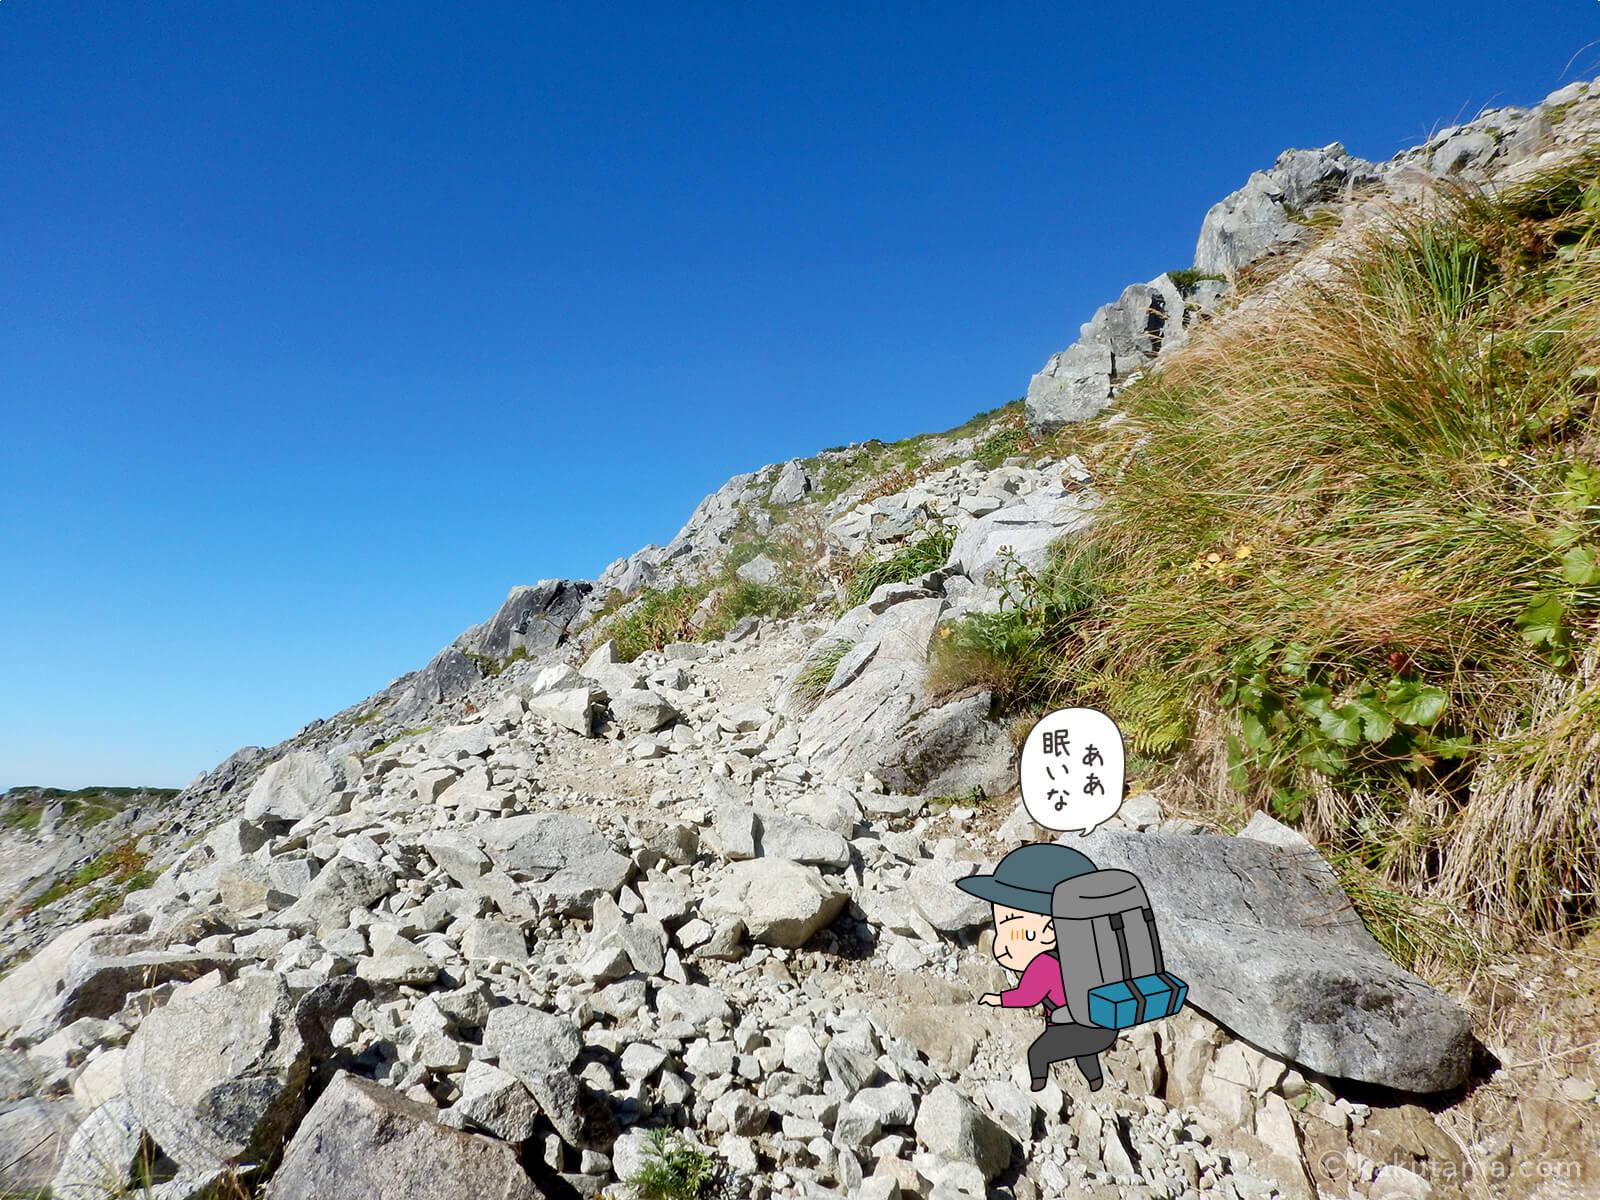 三俣蓮華岳へ向かって登る2